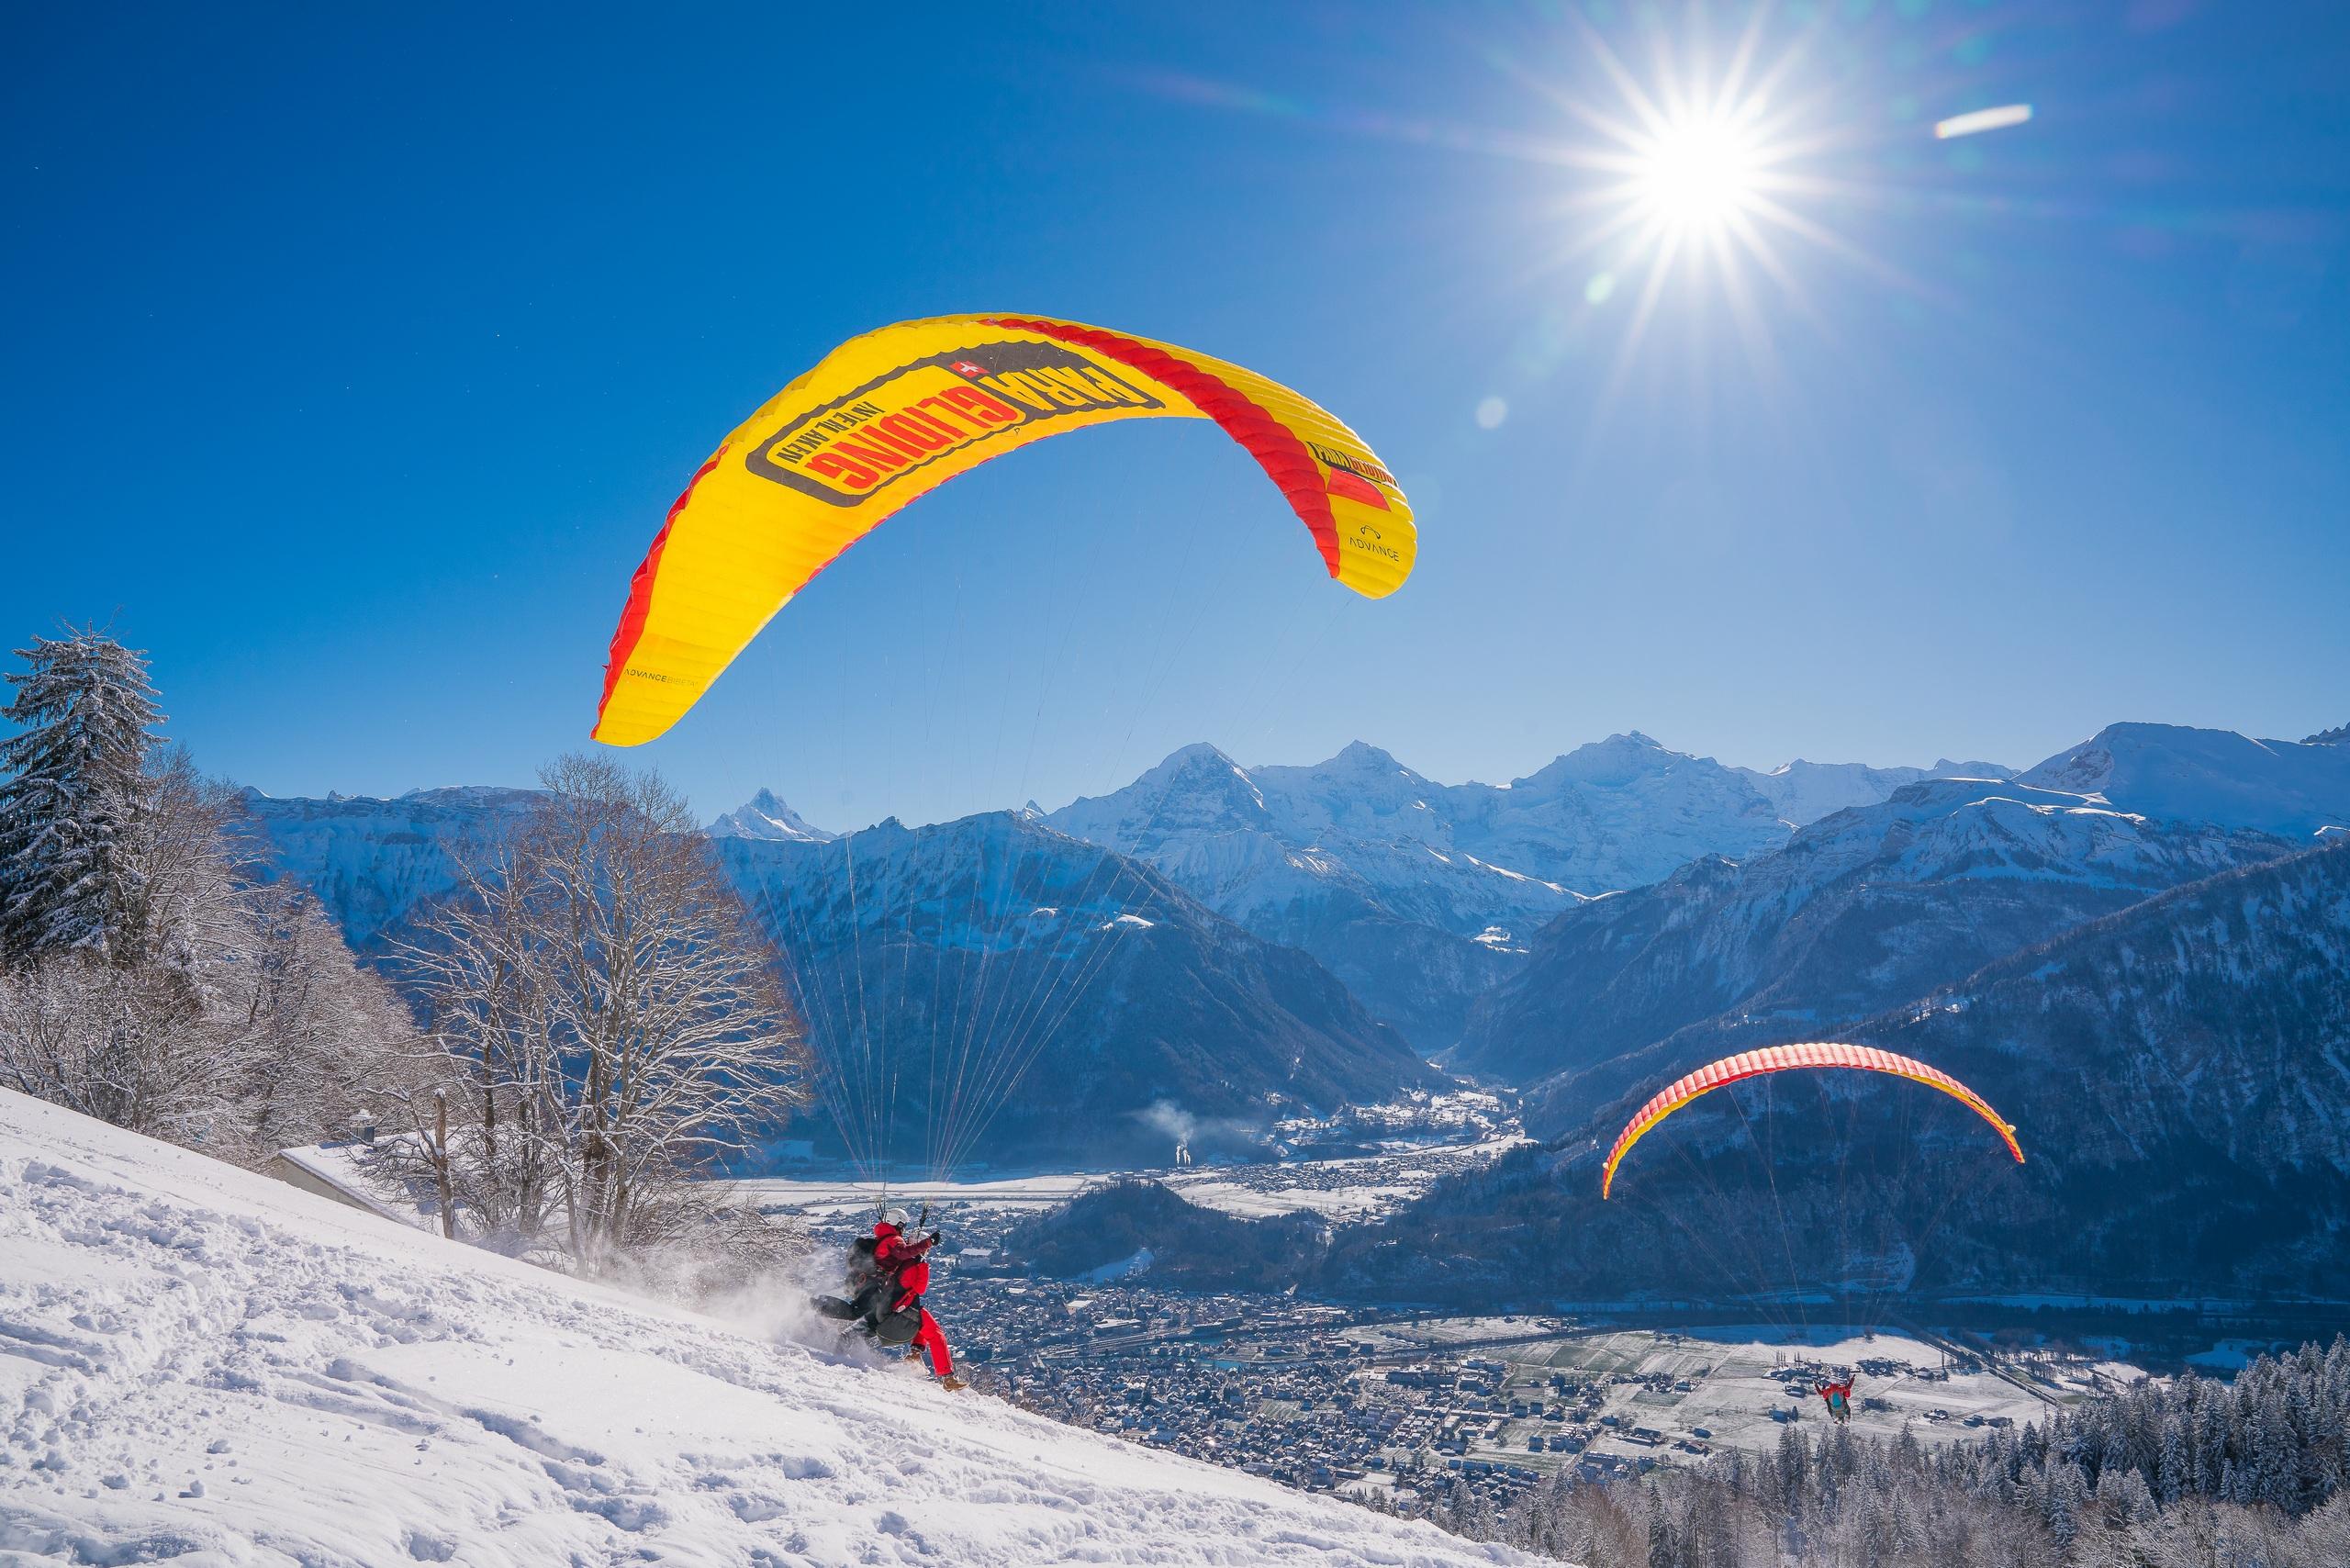 paragliding-interlaken-berge-winter-schnee